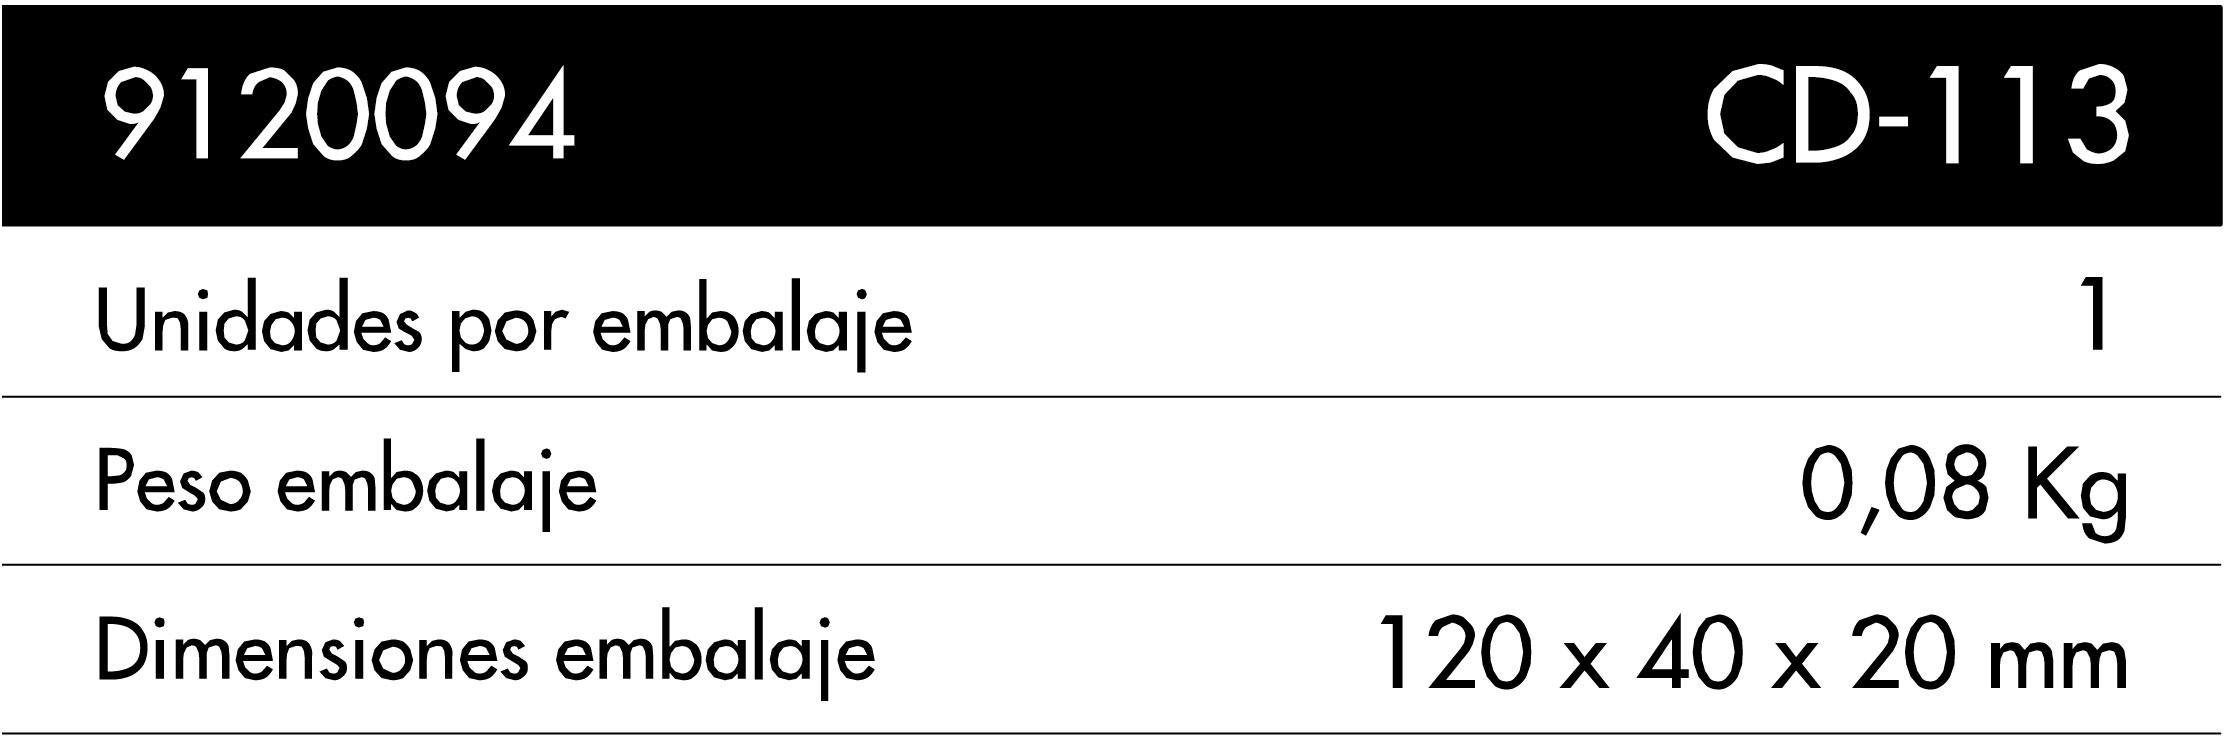 9120094-tablaES.jpg